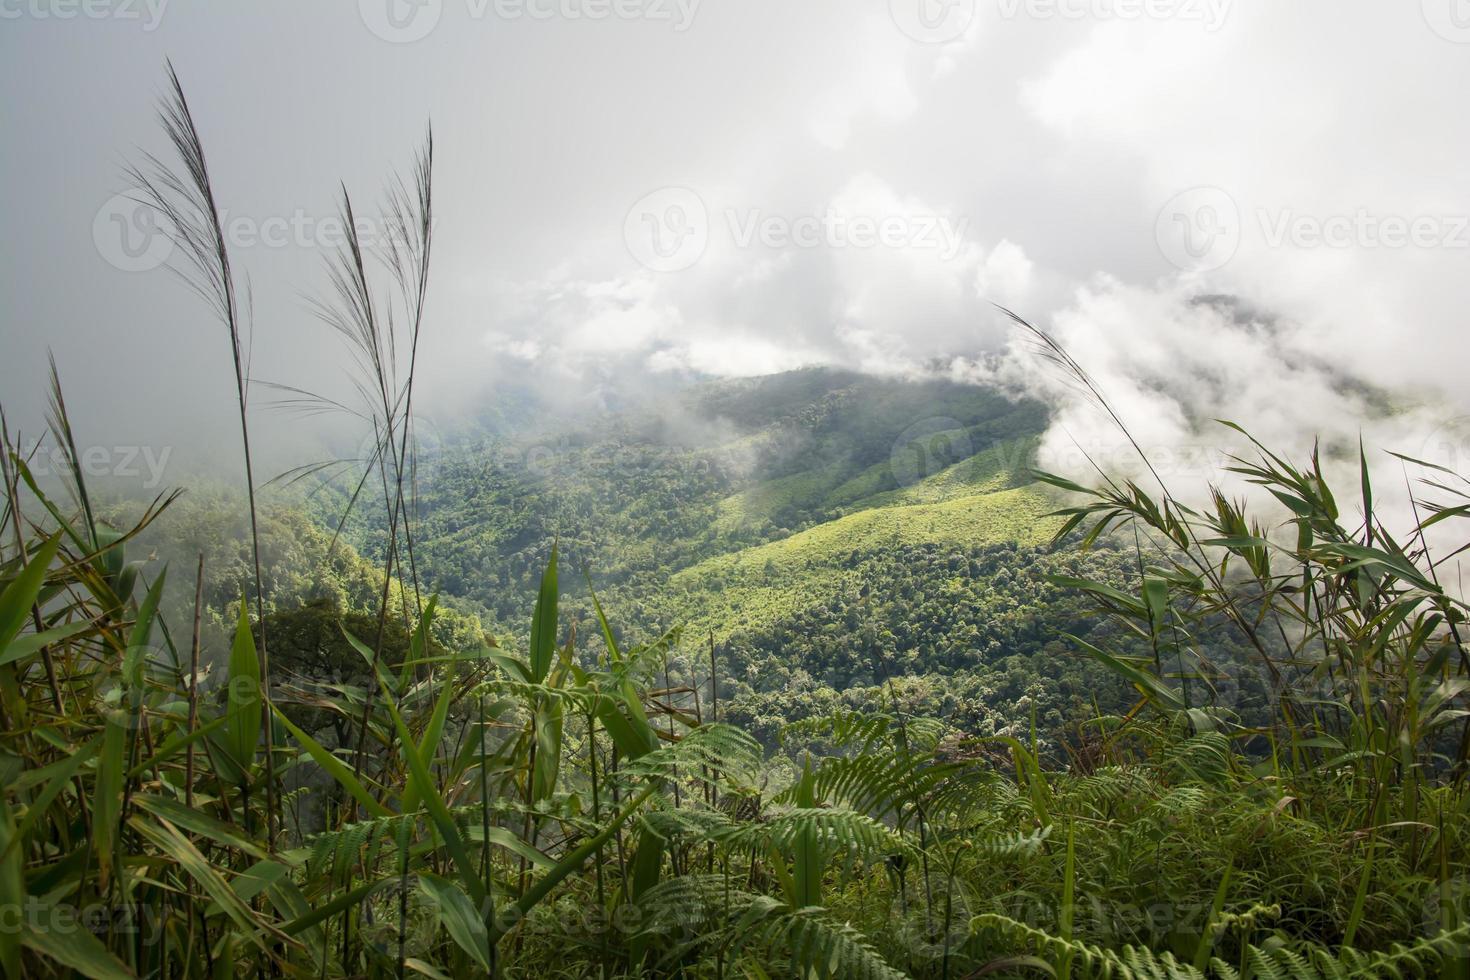 vacker utsikt över dimmigt över berget efter regn. foto